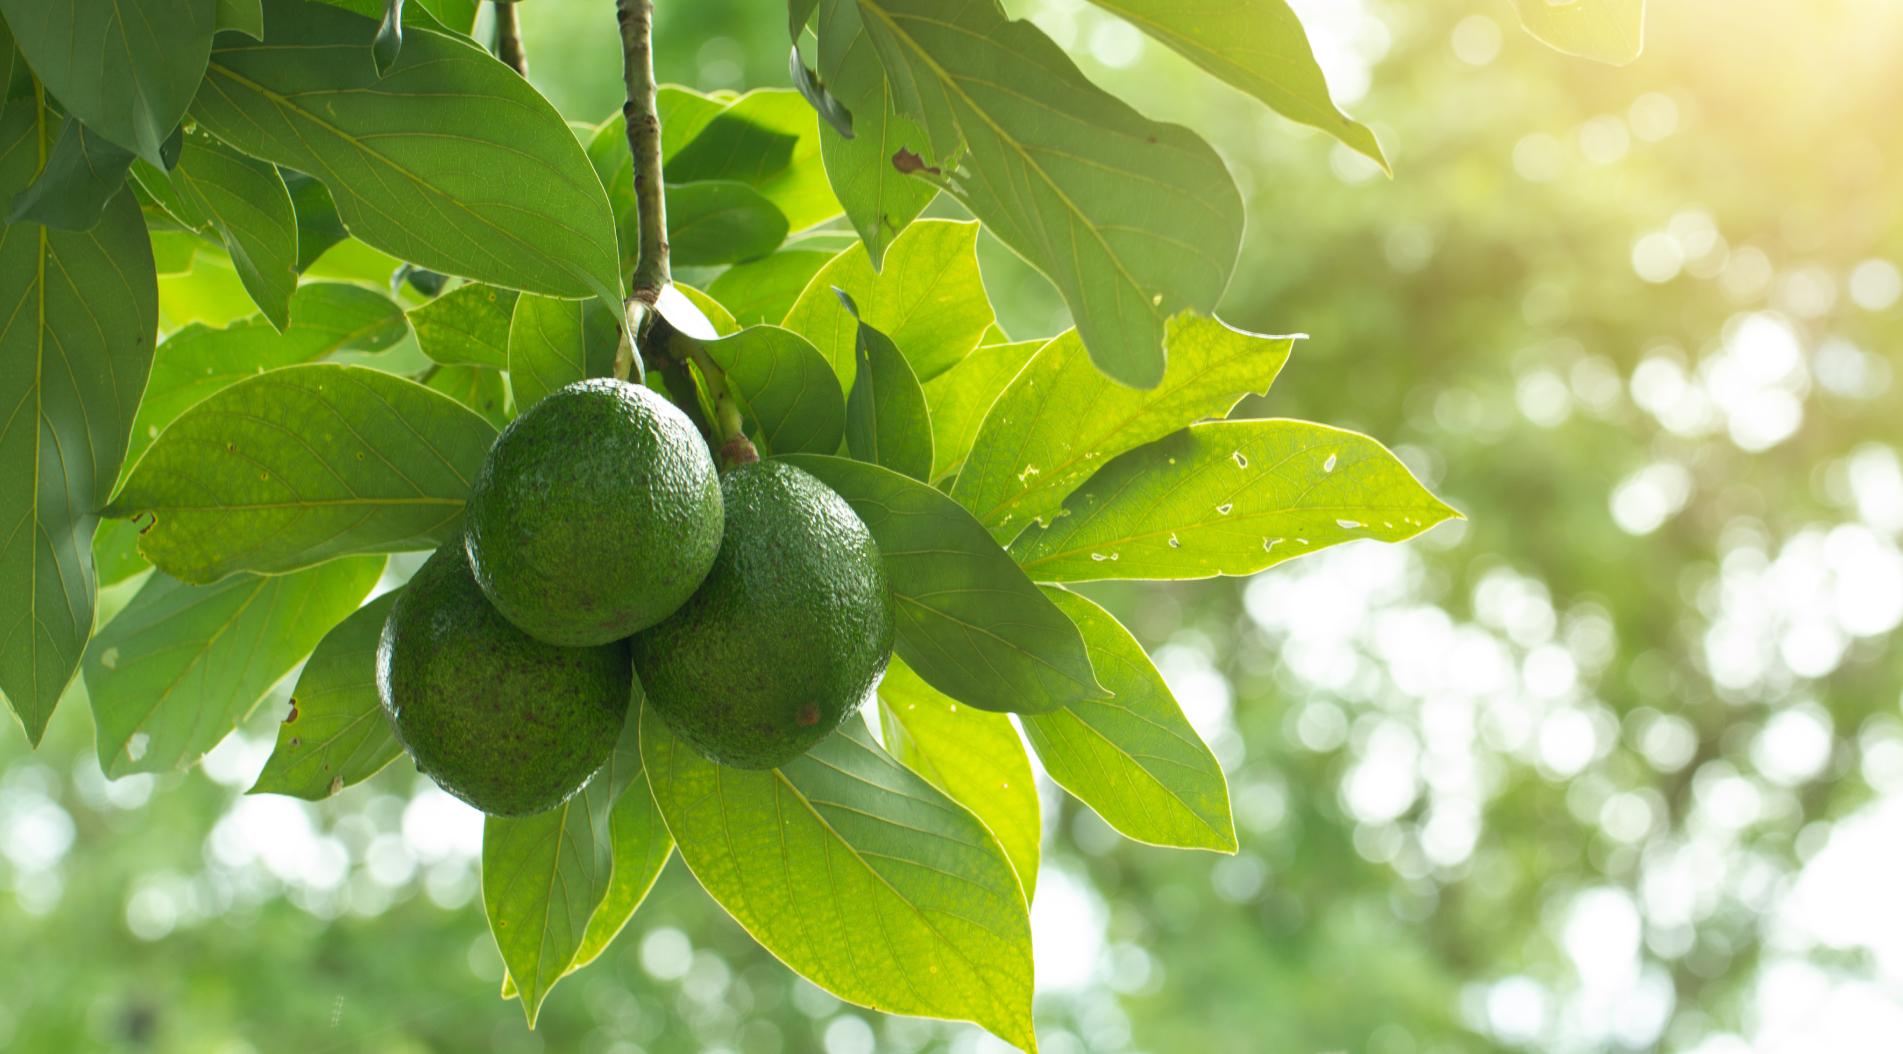 Guacamole importeur